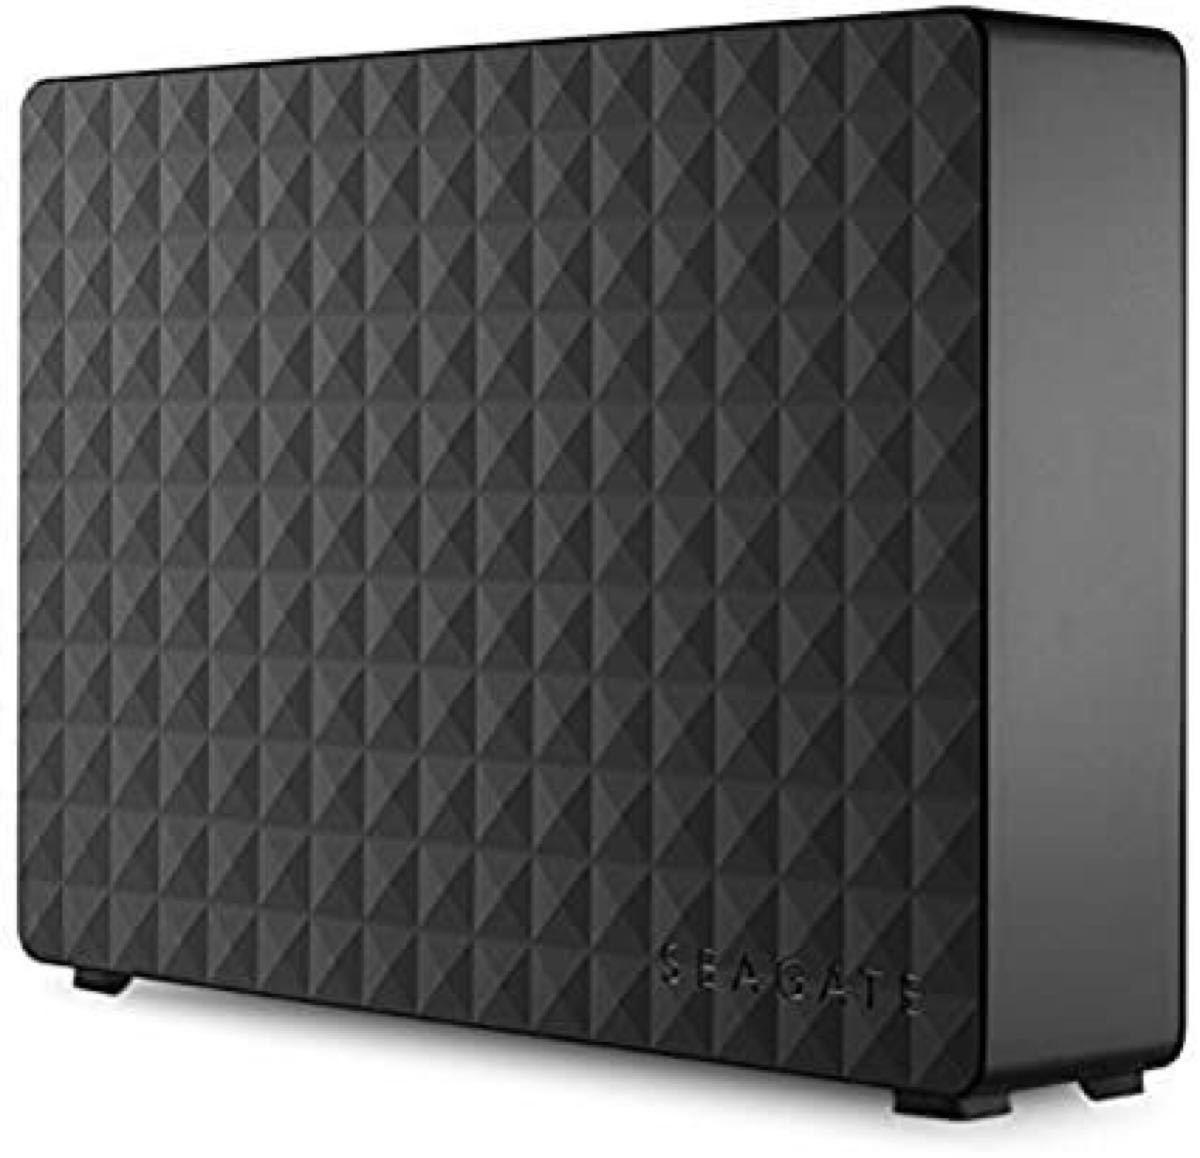 【美品】Seagate Expansion Desktop 8TB 外付 HDD USB3.0 外付けハードディスク シーゲート